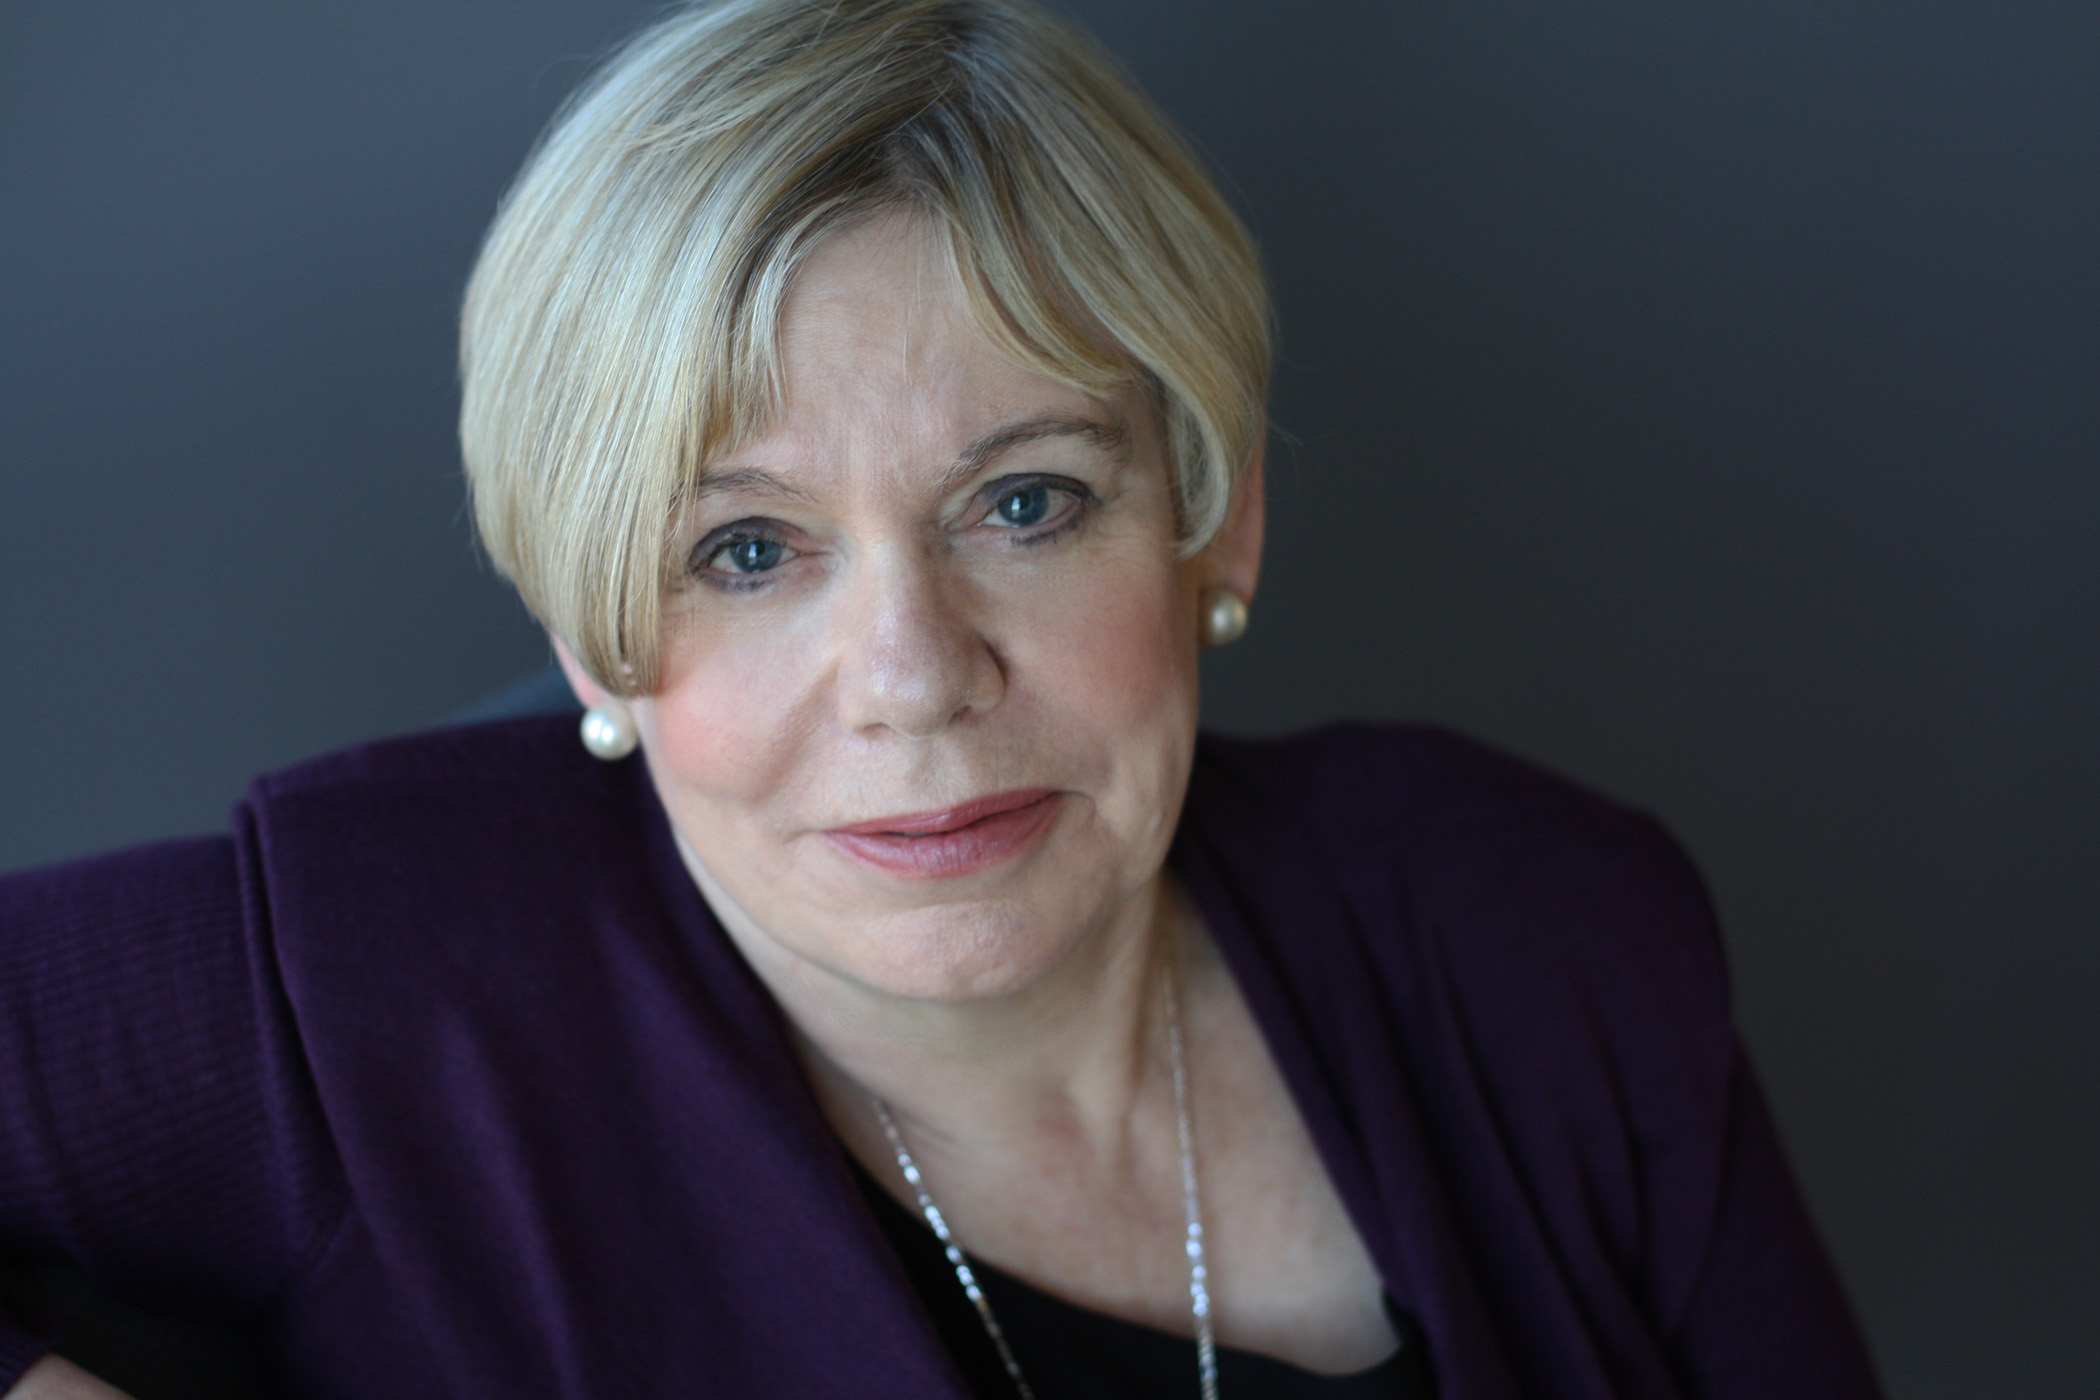 Karen Armstrong, author